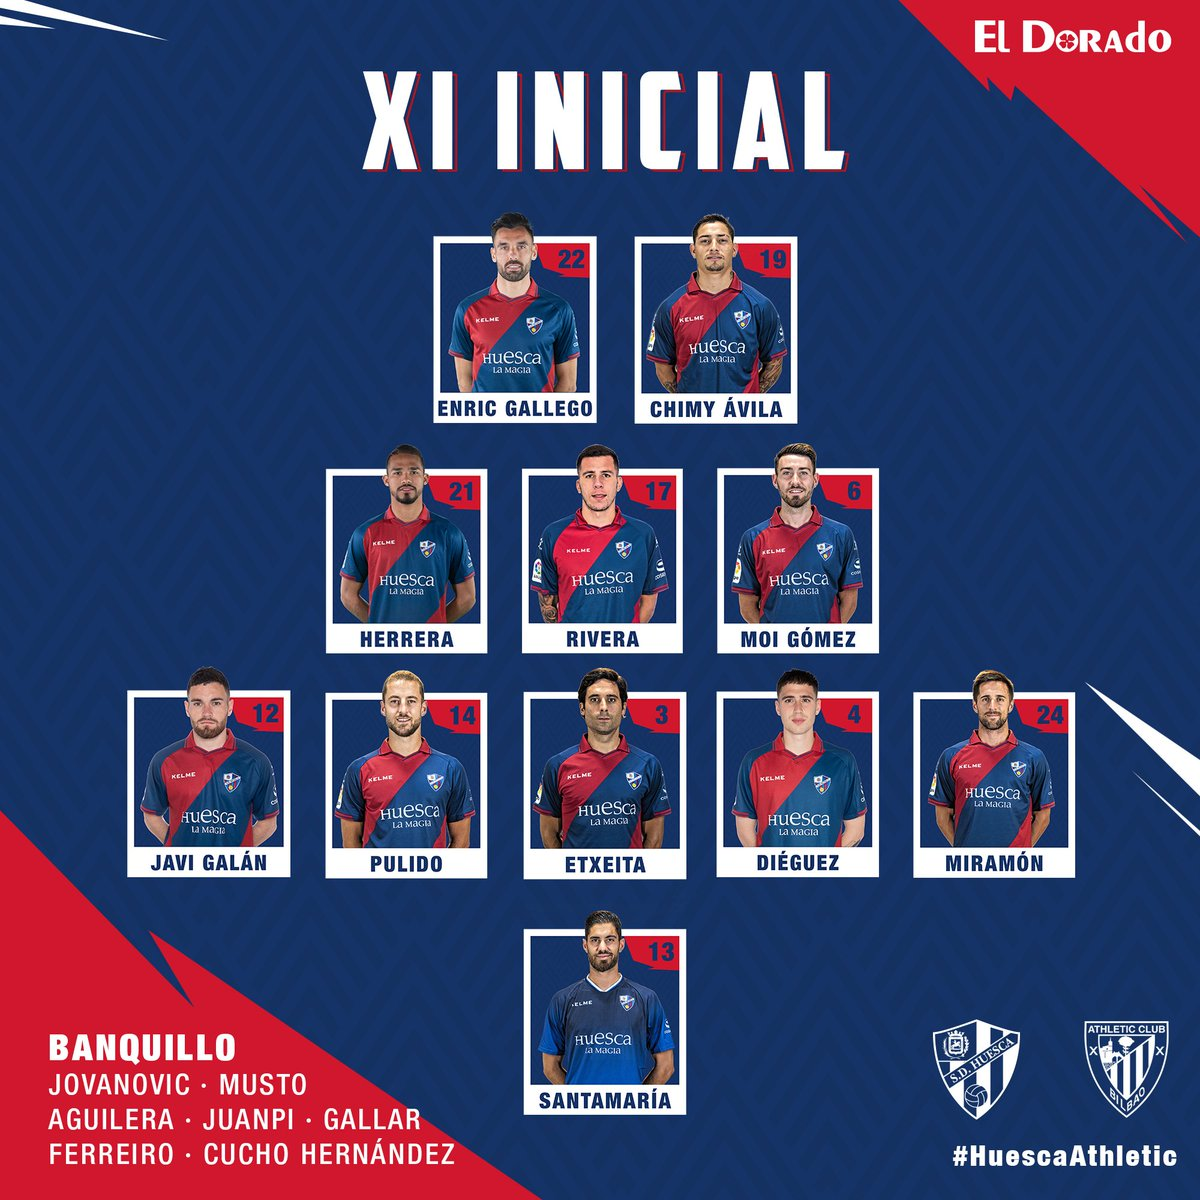 ALINEACIÓN | Estos son los once elegidos por Francisco para enfrentarse al @AthleticClub en la 24ª jornada de #LaLigaSantander 👇  #HuescaAthletic